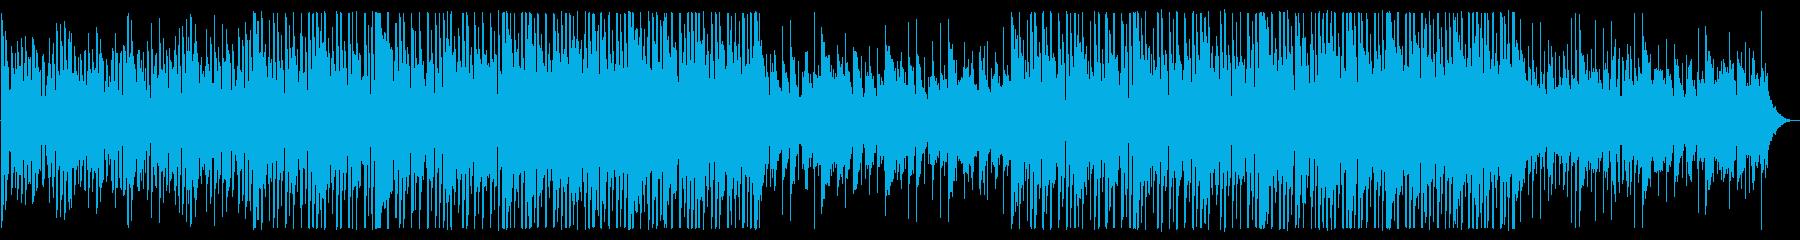 物静か/クール/R&B_No465_1の再生済みの波形